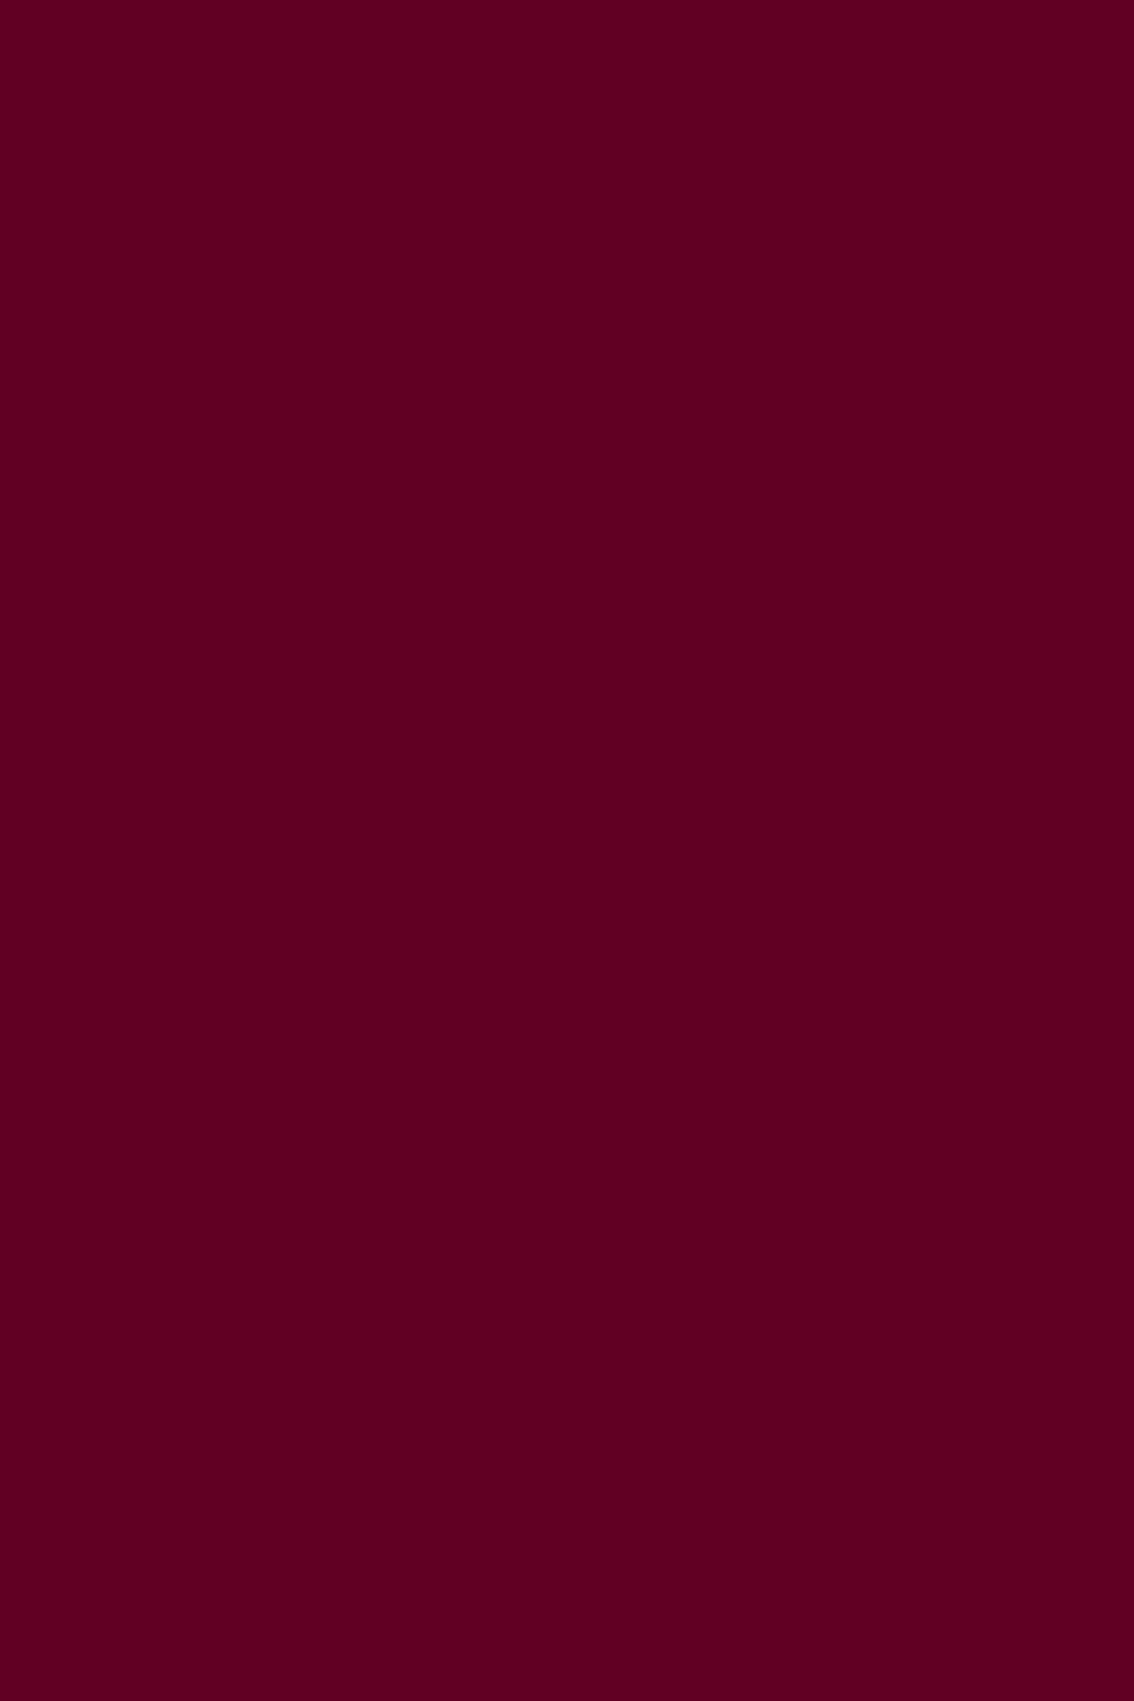 Vinaccia Color Google Otsing Värvid Colori Sfondo Rosso E